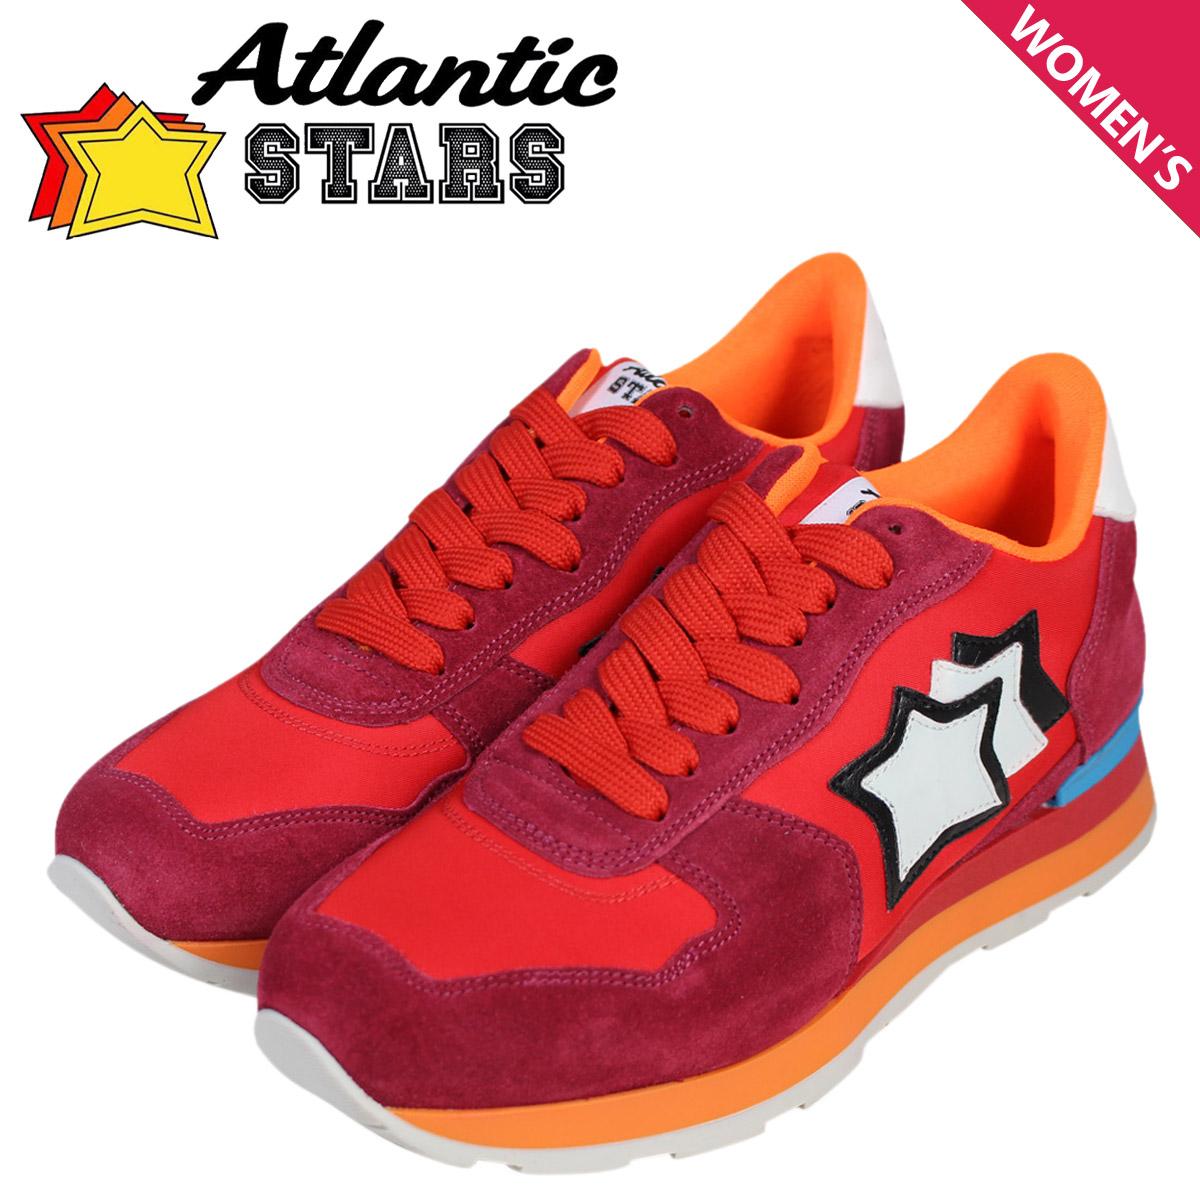 アトランティックスターズ レディース スニーカー Atlantic STARS ベガ VEGA FRA-85C 靴 レッド [2/2 追加入荷]